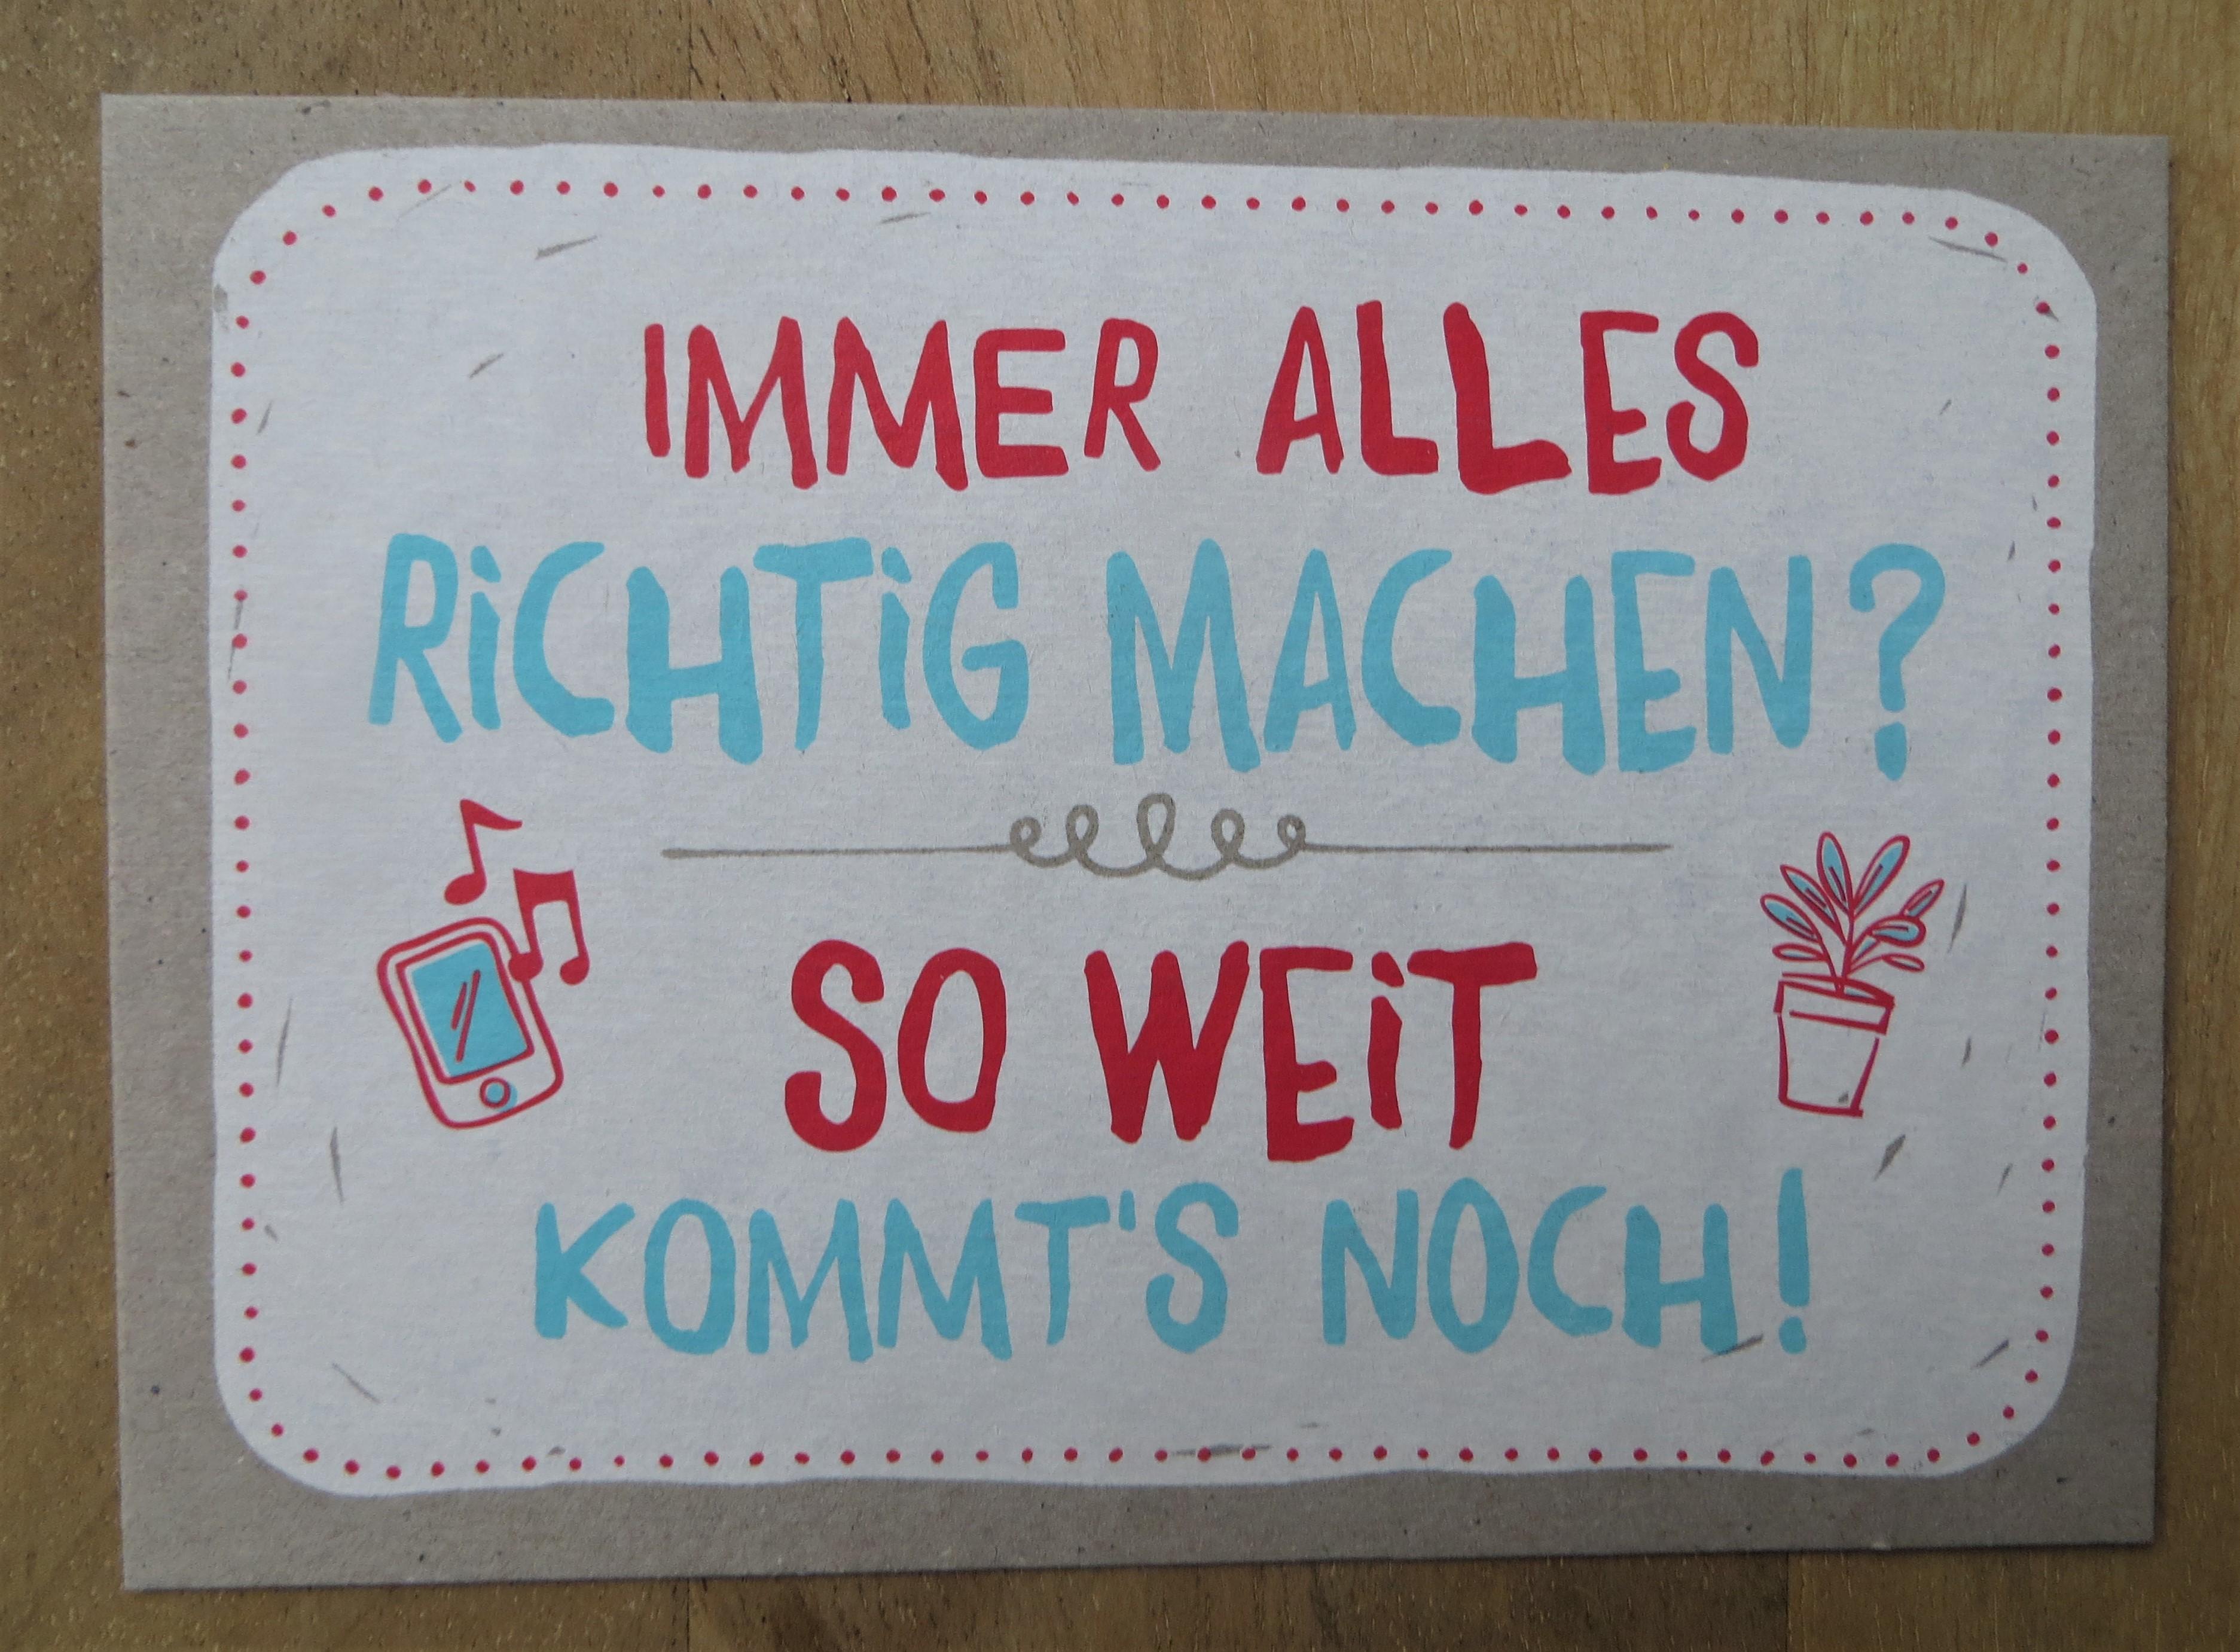 Nützlichgrusskarten - Postkarte Immer alles richtig machen So weit kommts noch KUNST und BILD - Onlineshop Tante Emmer